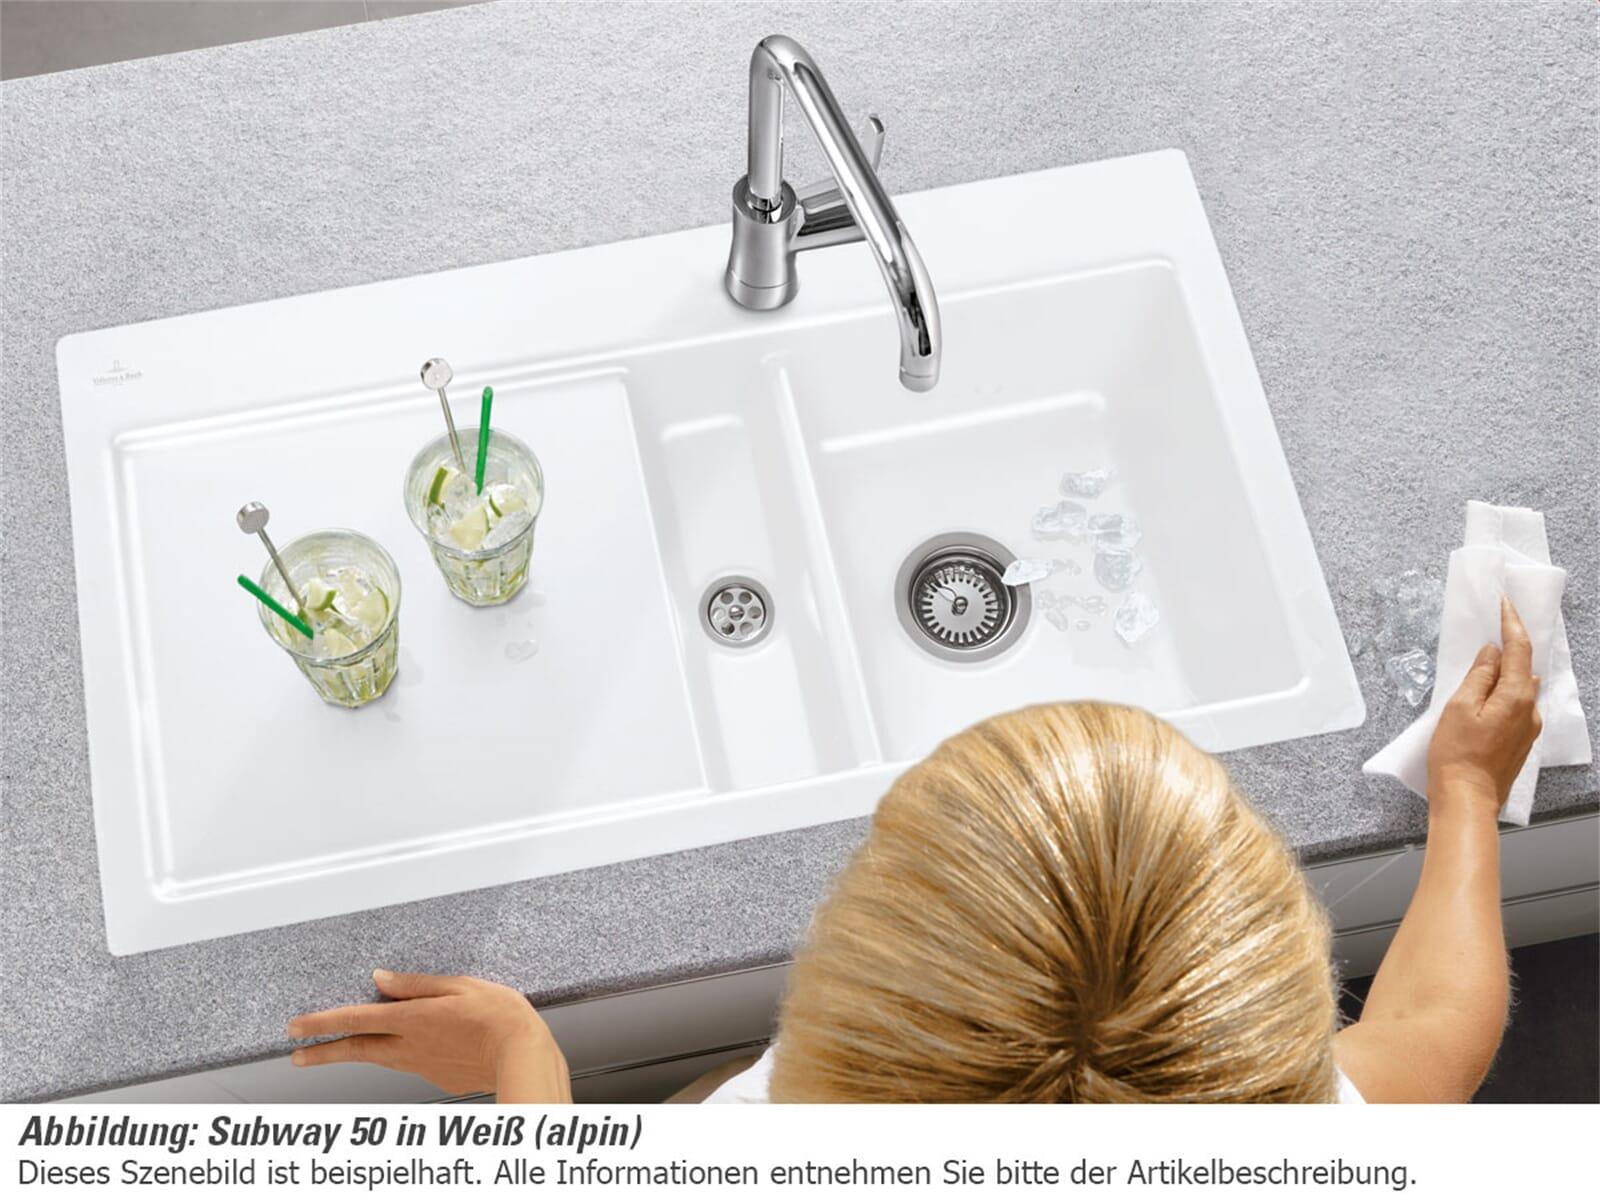 villeroy und boch subway 50 eckventil waschmaschine. Black Bedroom Furniture Sets. Home Design Ideas